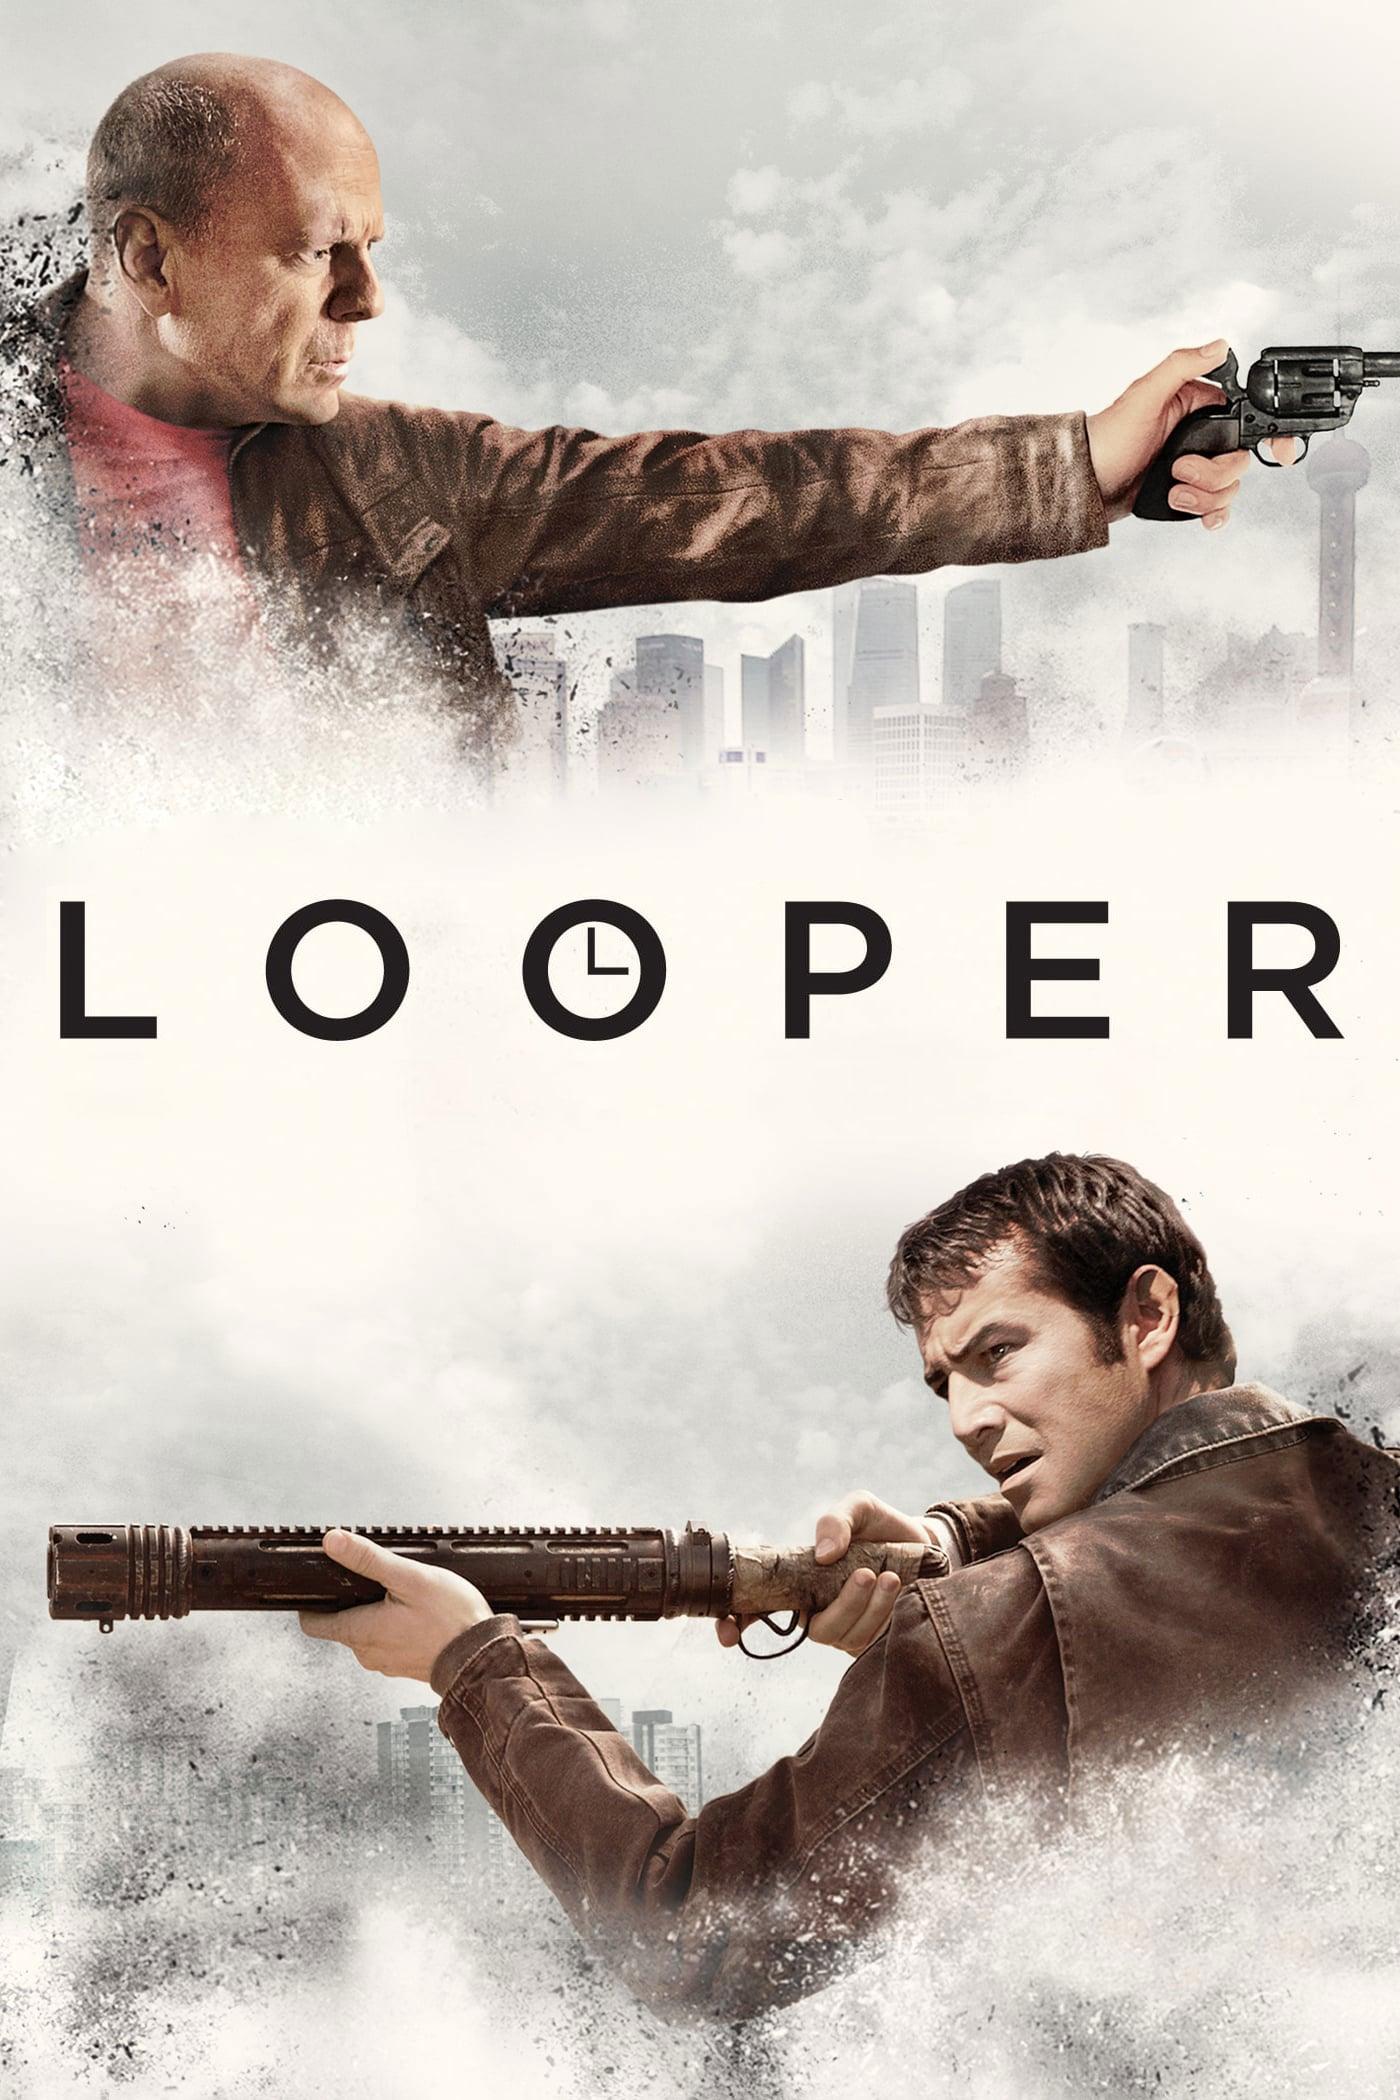 دانلود فیلم Looper 2012 با دوبله فارسی